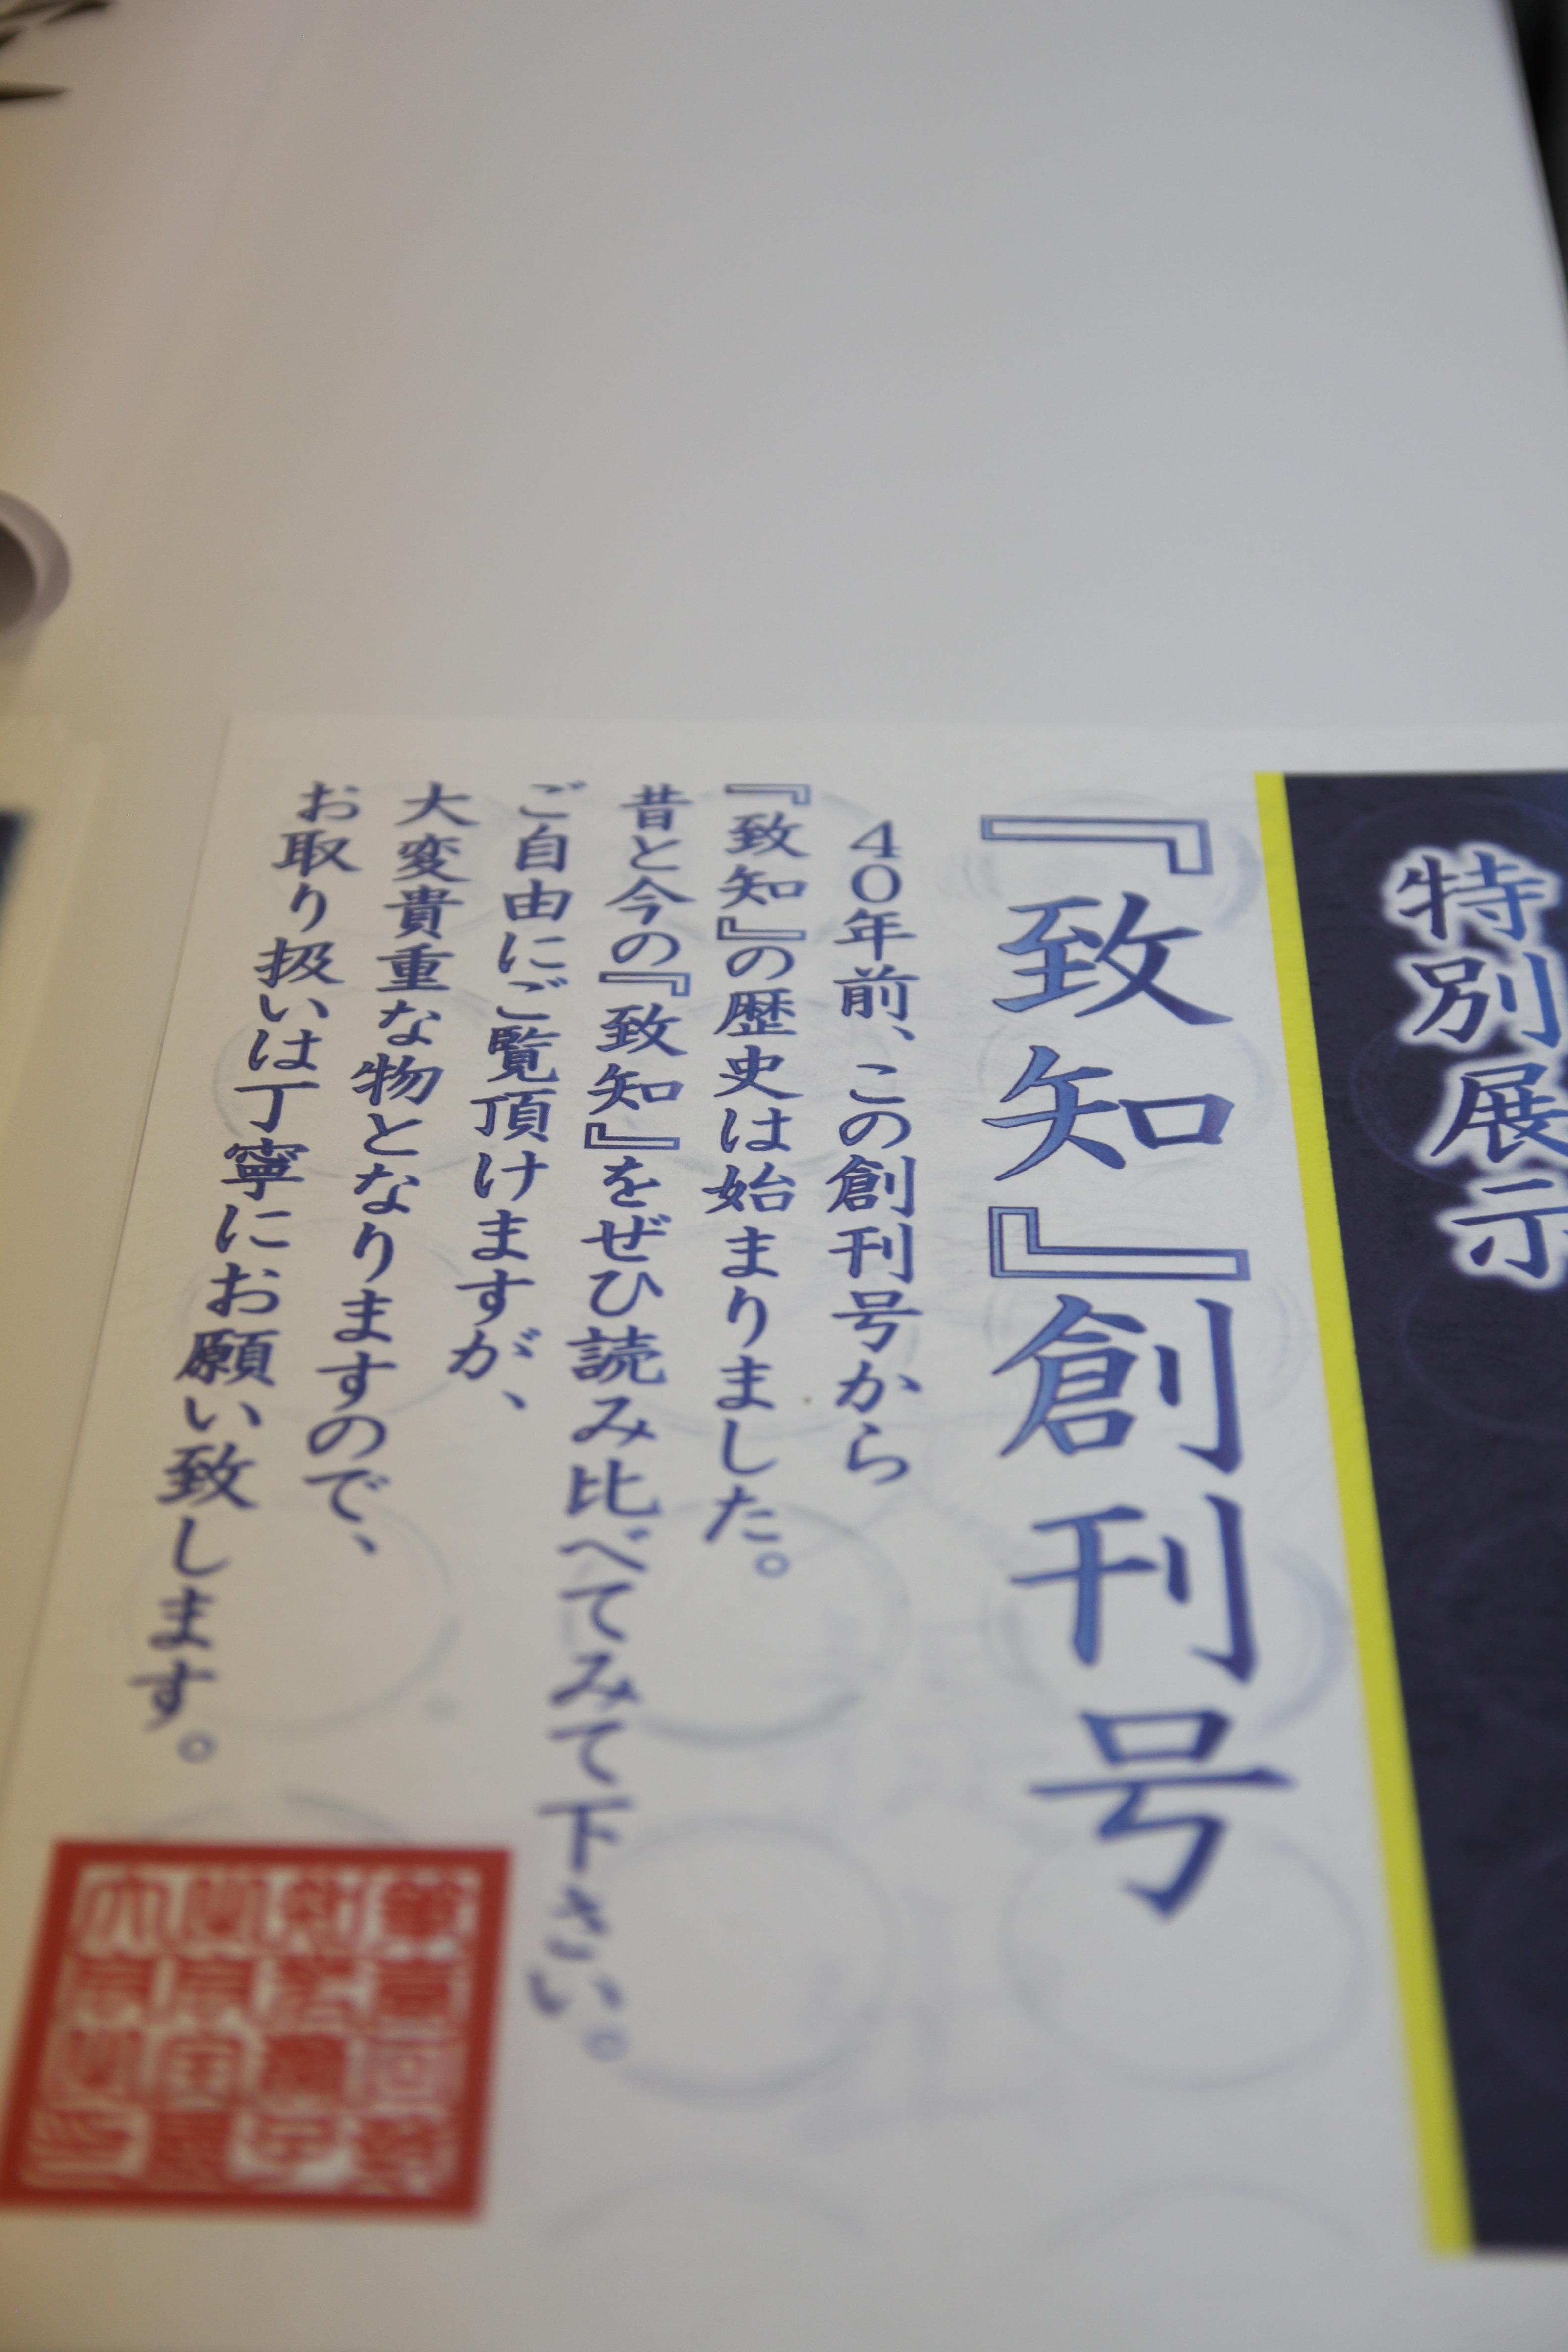 IMG 4350 1 - 関東若獅子の会、記念すべき第100回